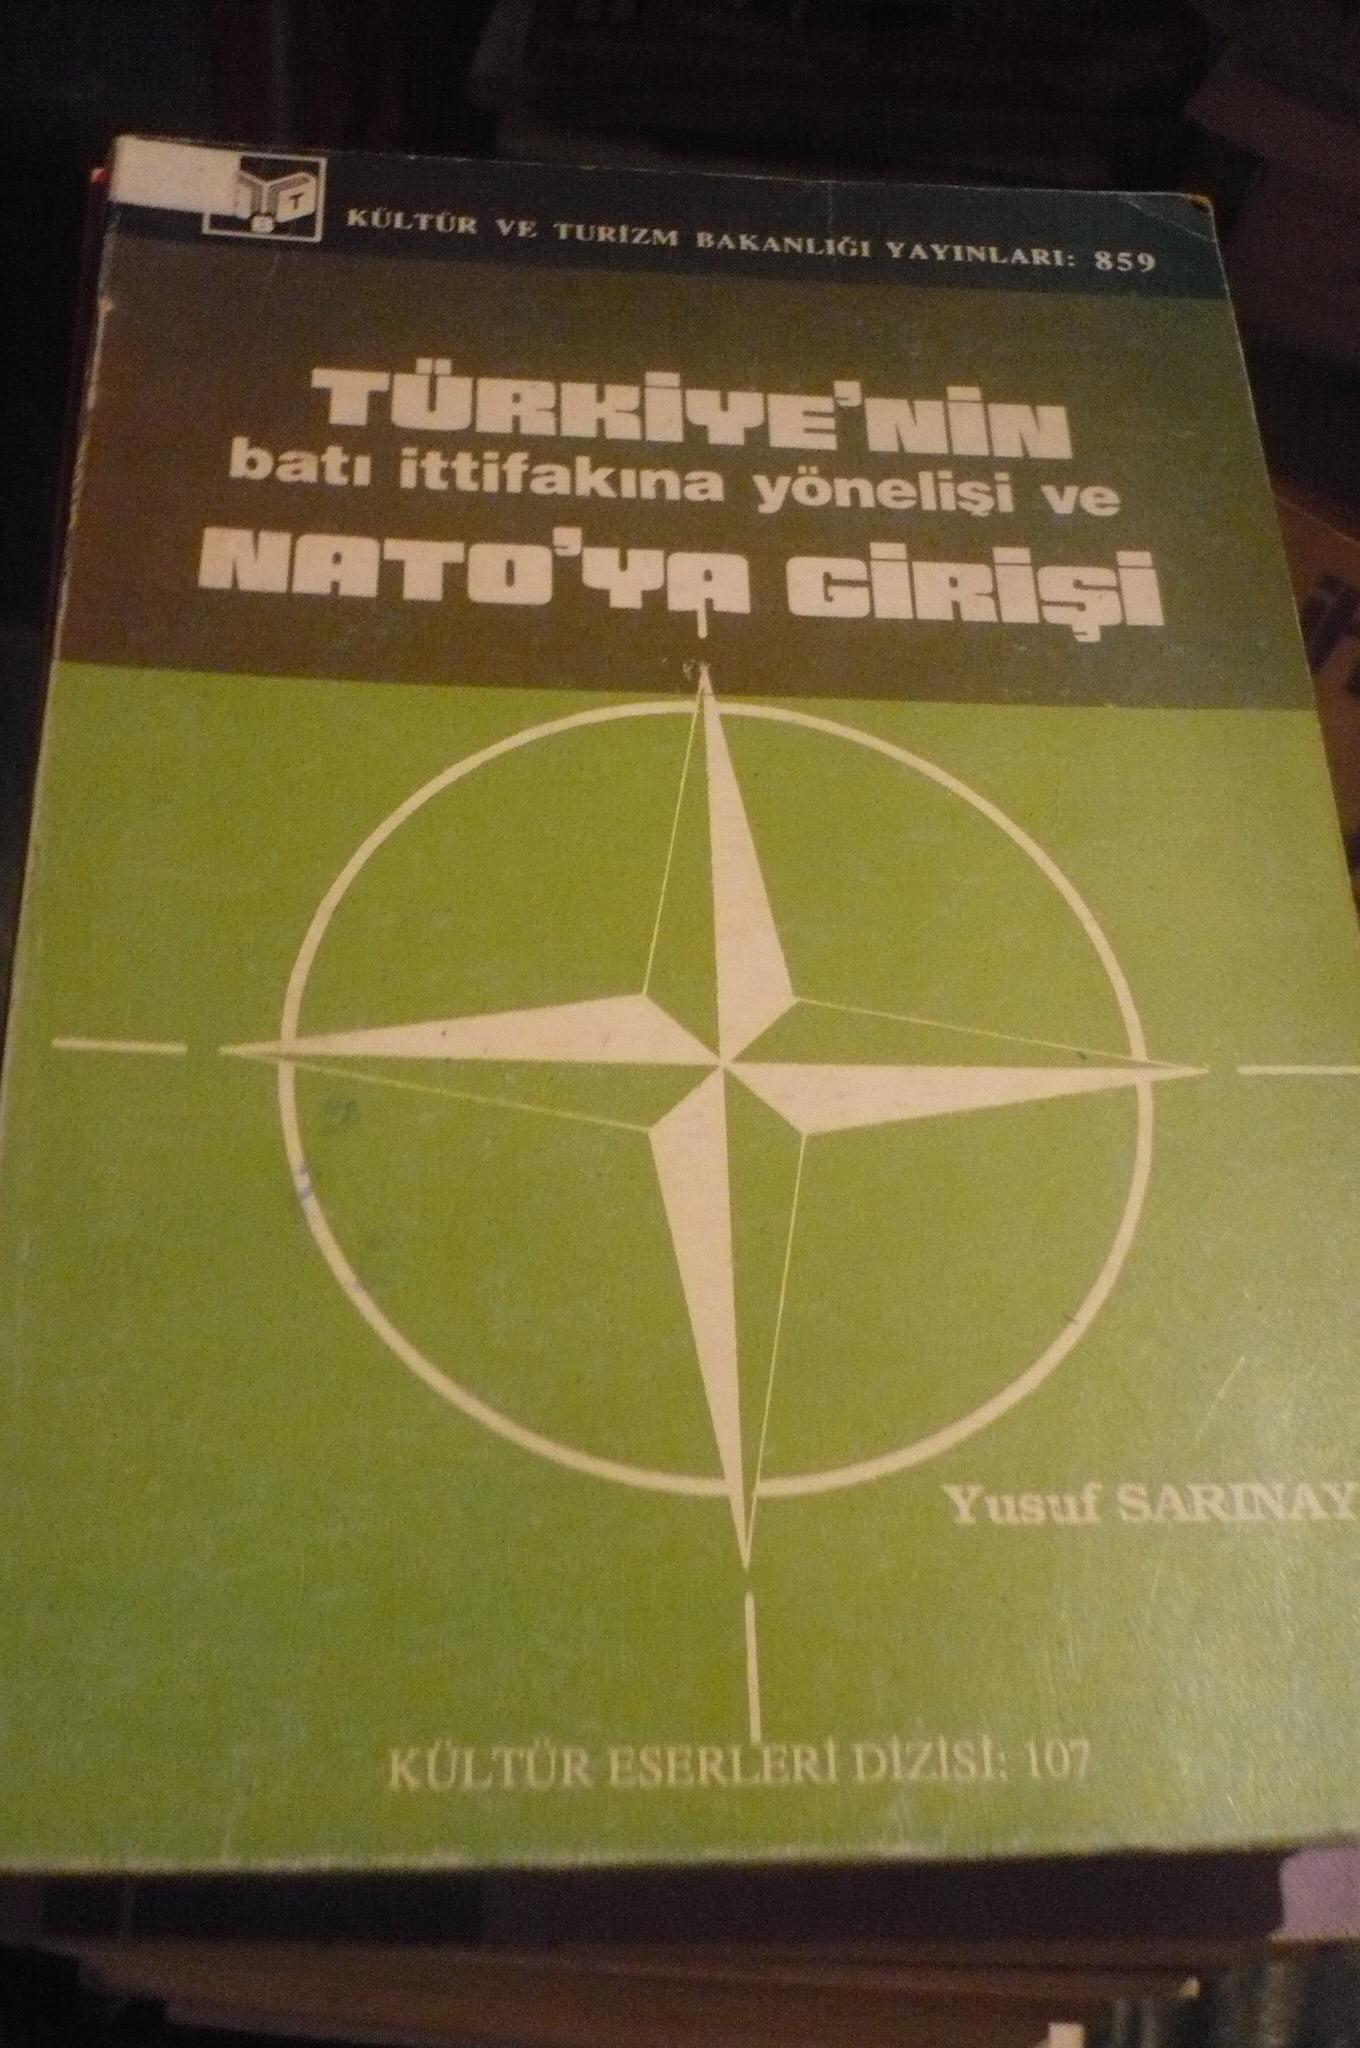 TÜRKİYE'NİN  batı ittifakına yönelişi ve NATO'YA GİRİŞİ/Yusuf SARINAY/15 TL